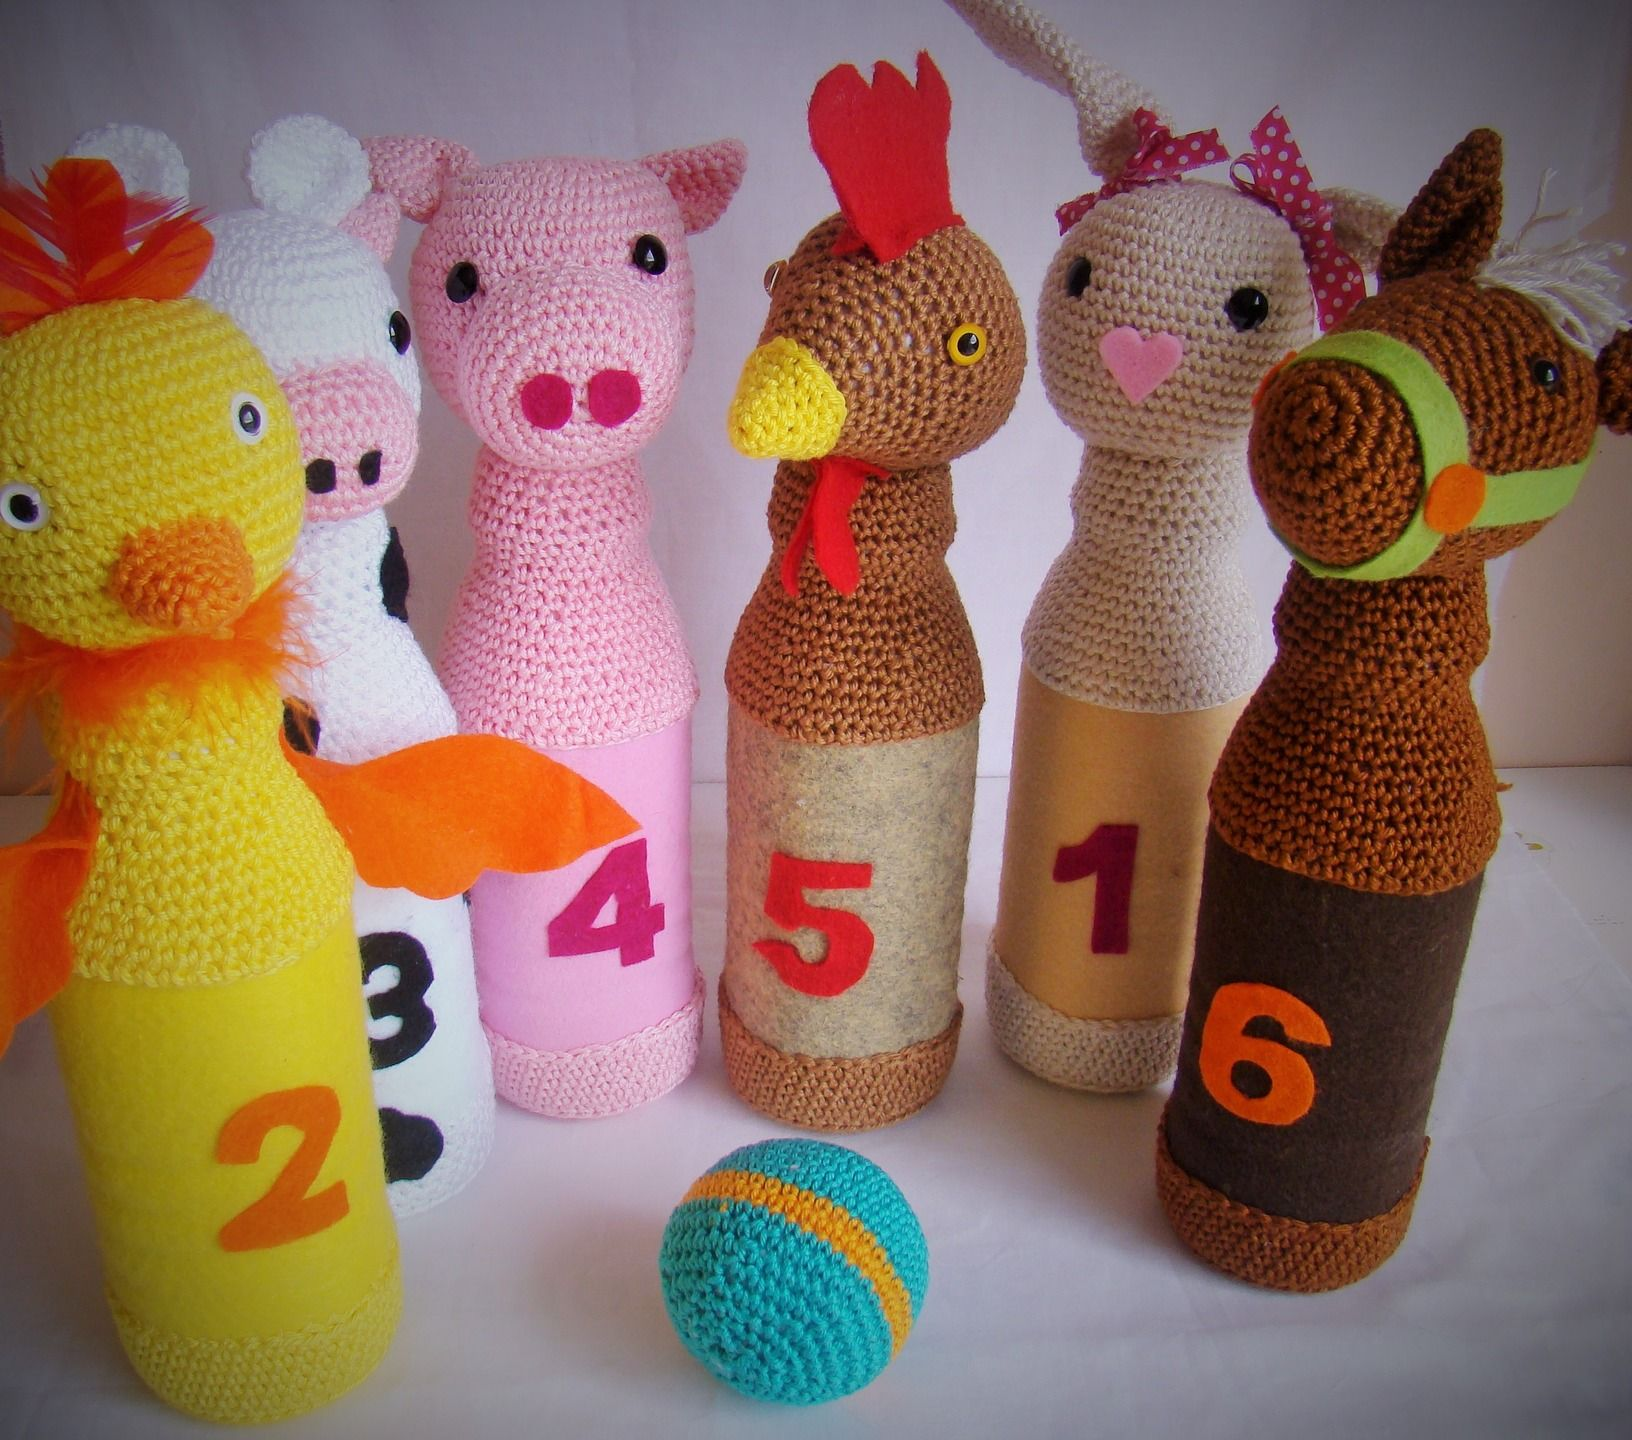 jeu de quilles composé de 6 animaux de la ferme le tout au